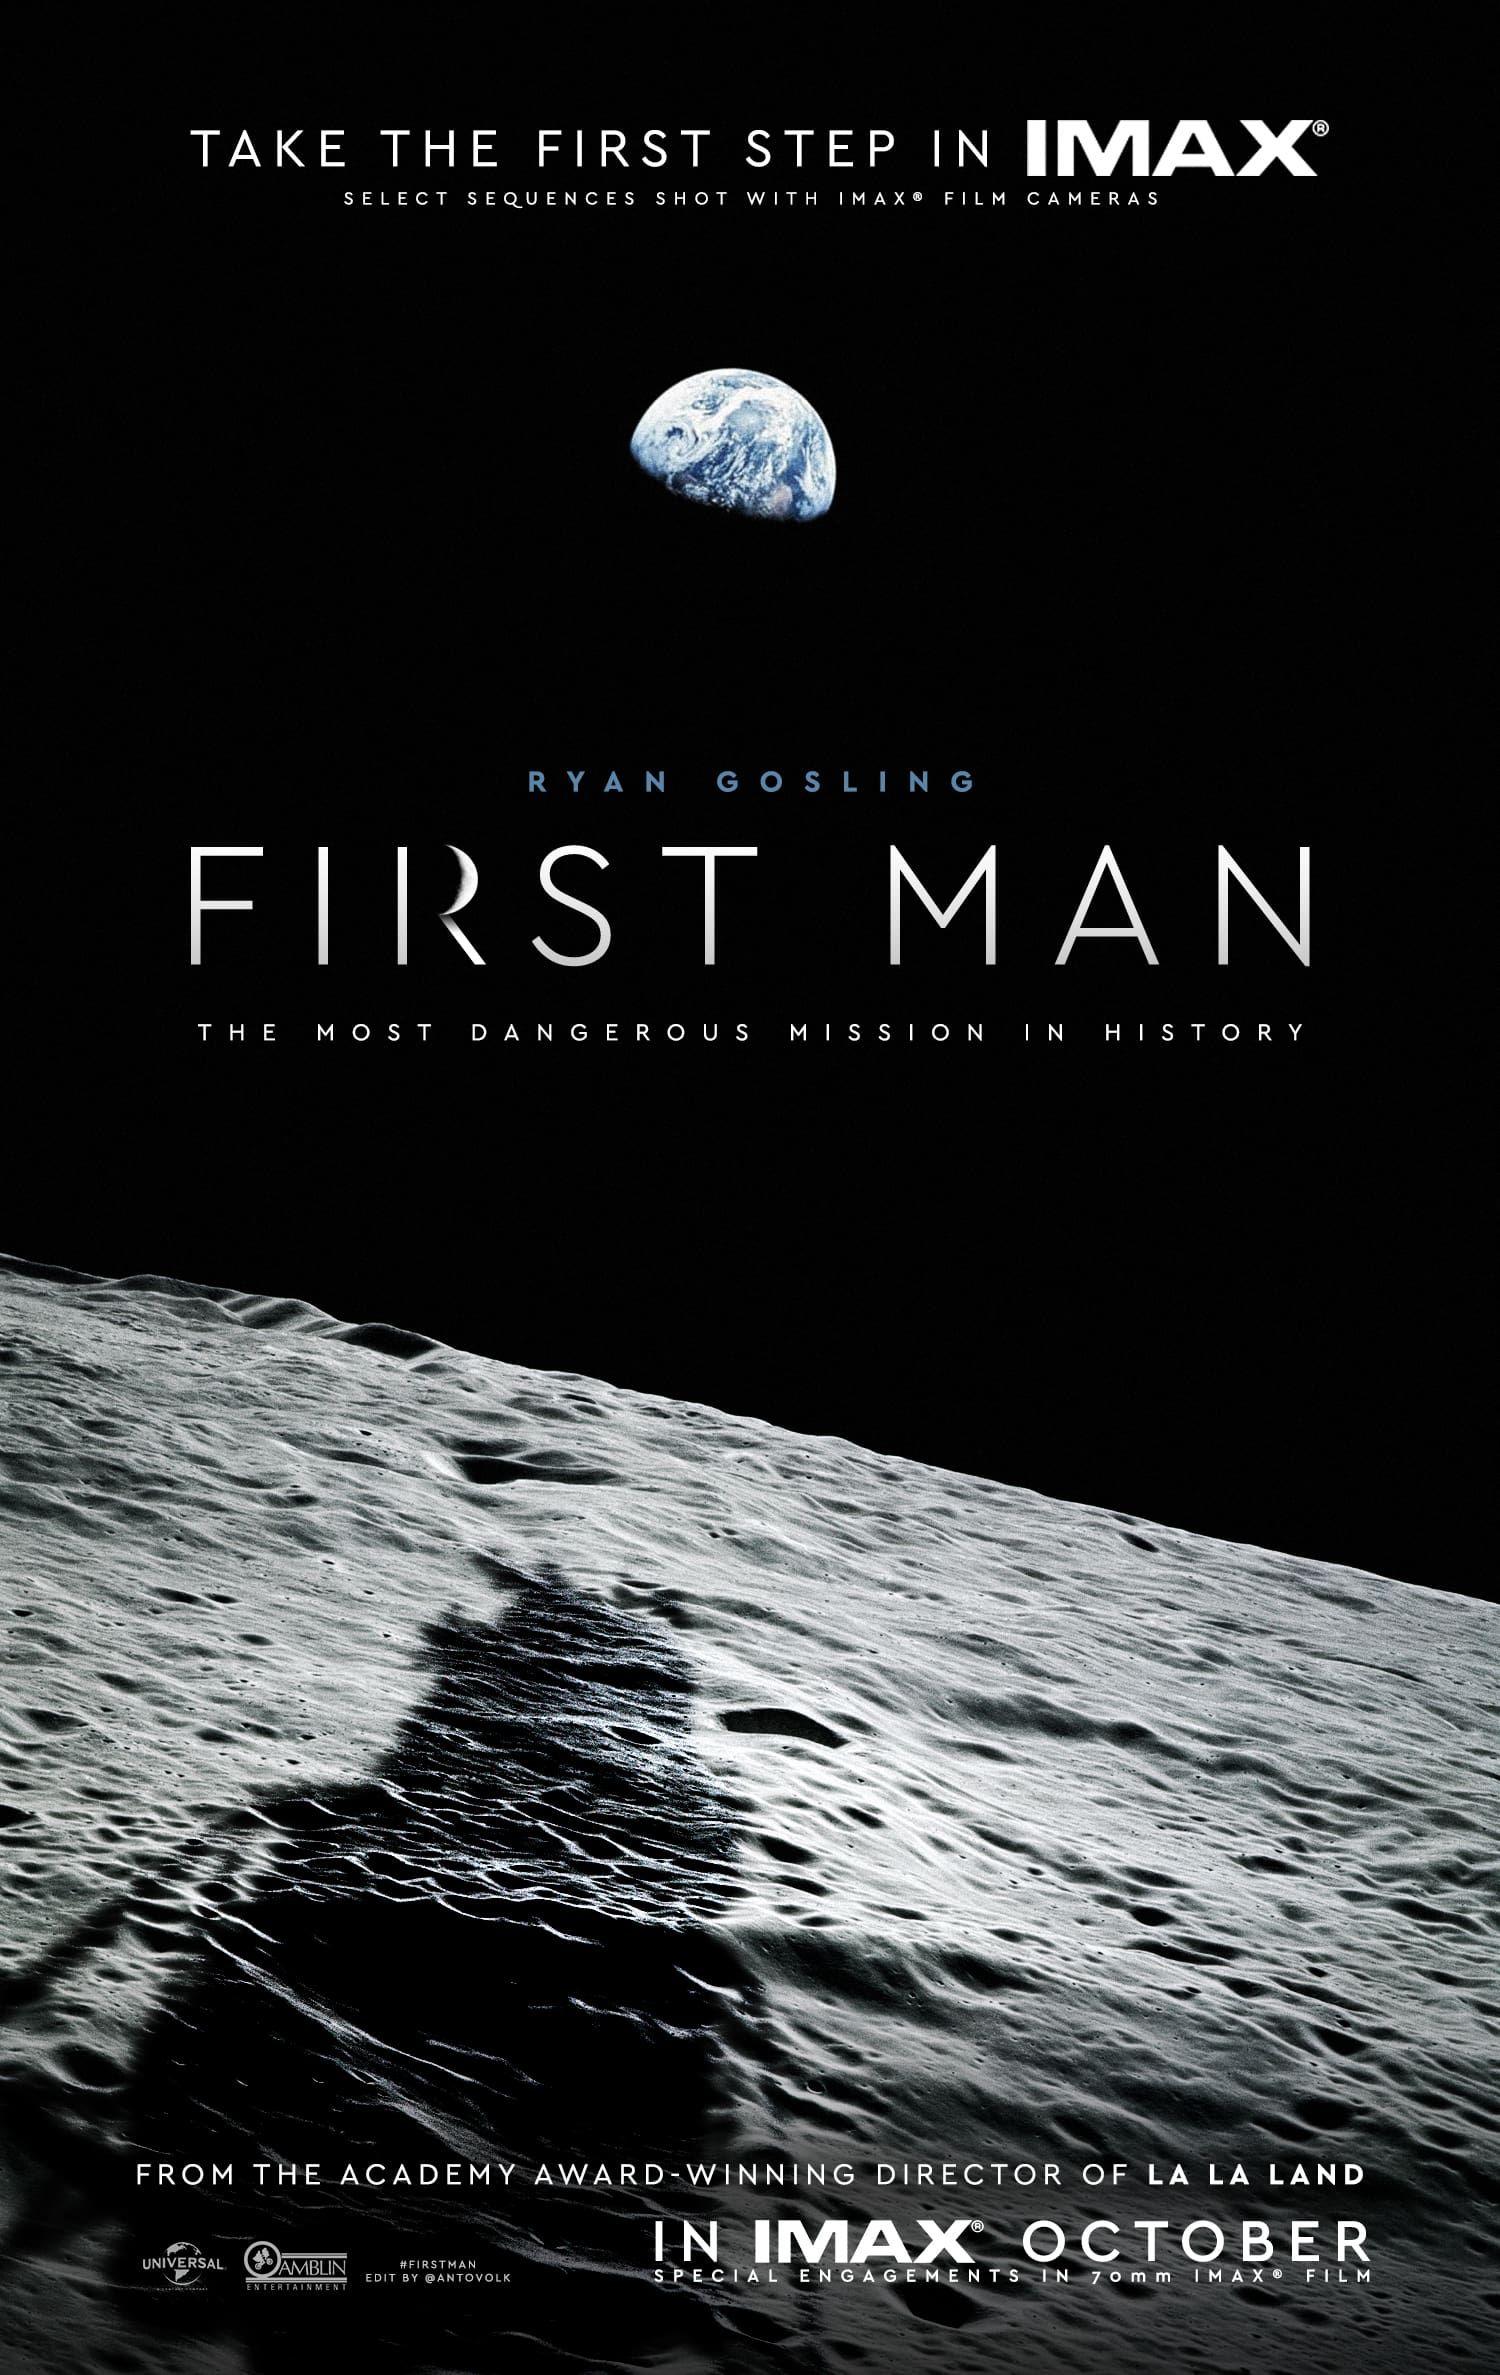 first man full movie watch online free